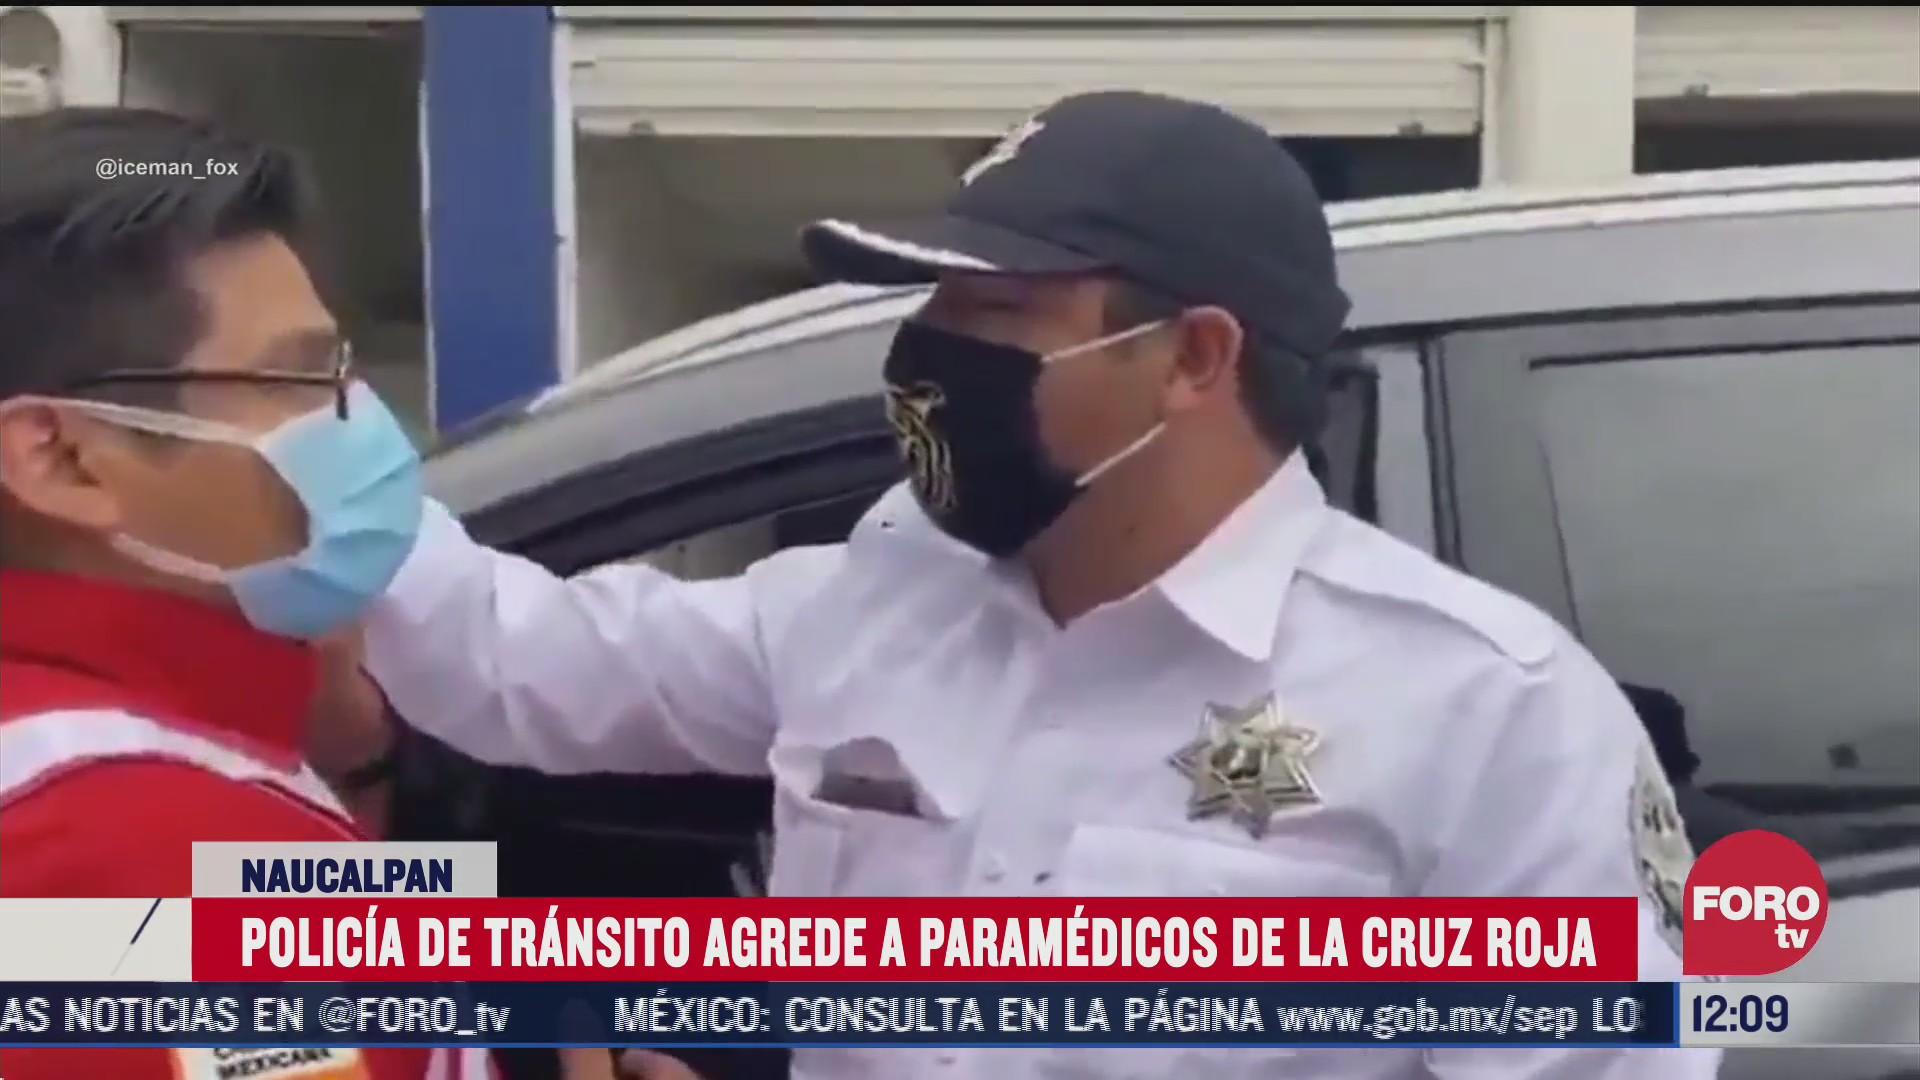 policia de transito agrede a paramedicos de la cruz roja